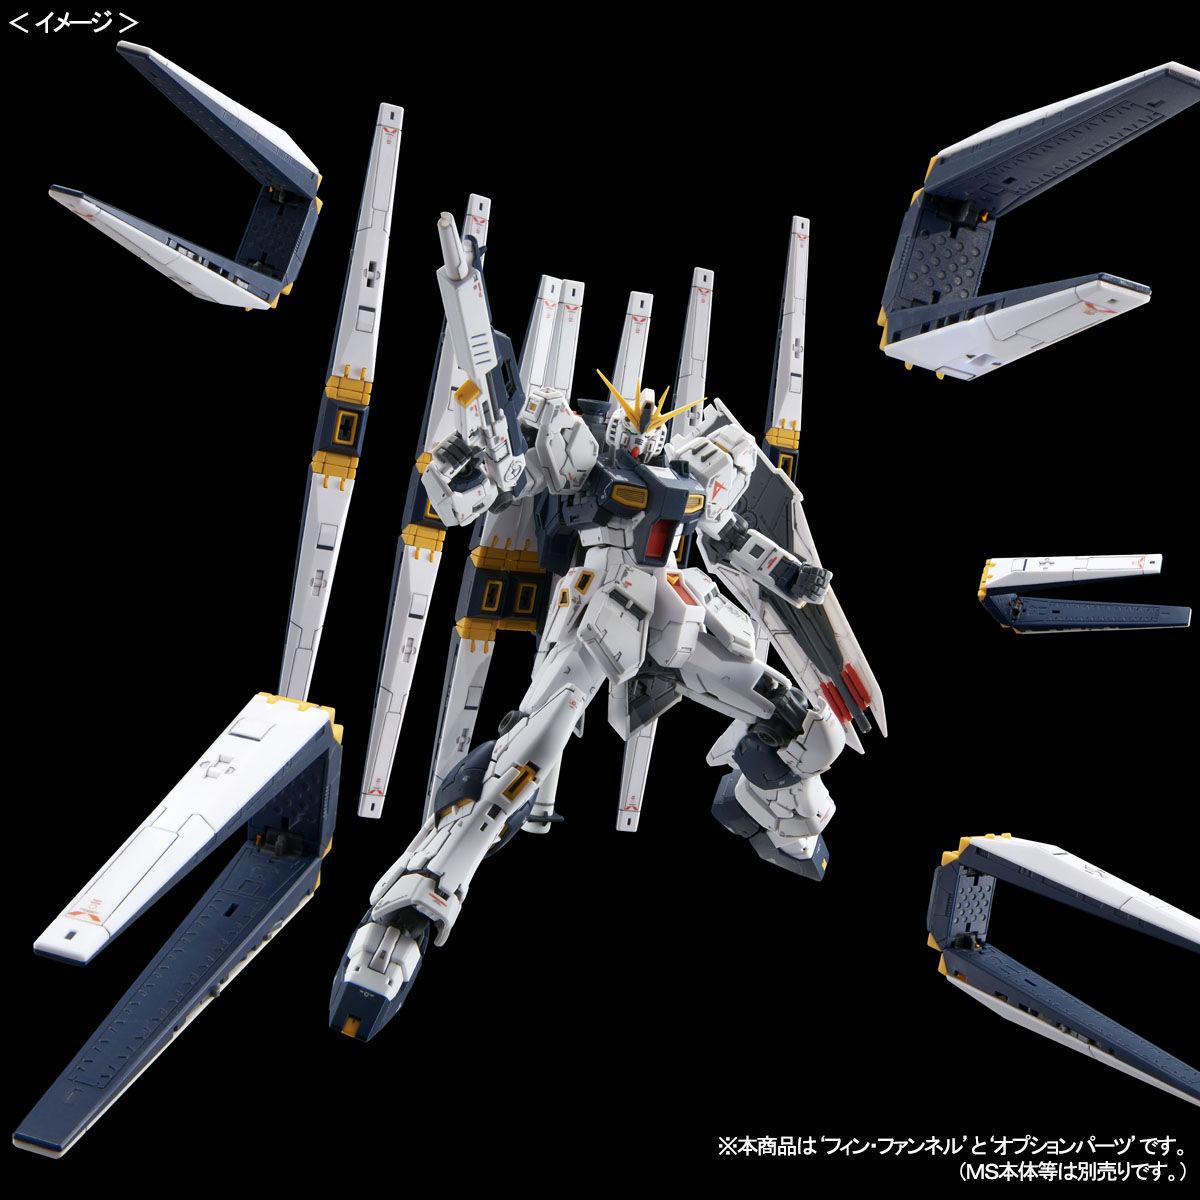 RG 1/144『νガンダム用ダブル・フィン・ファンネル拡張ユニット』逆襲のシャア プラモデル-010